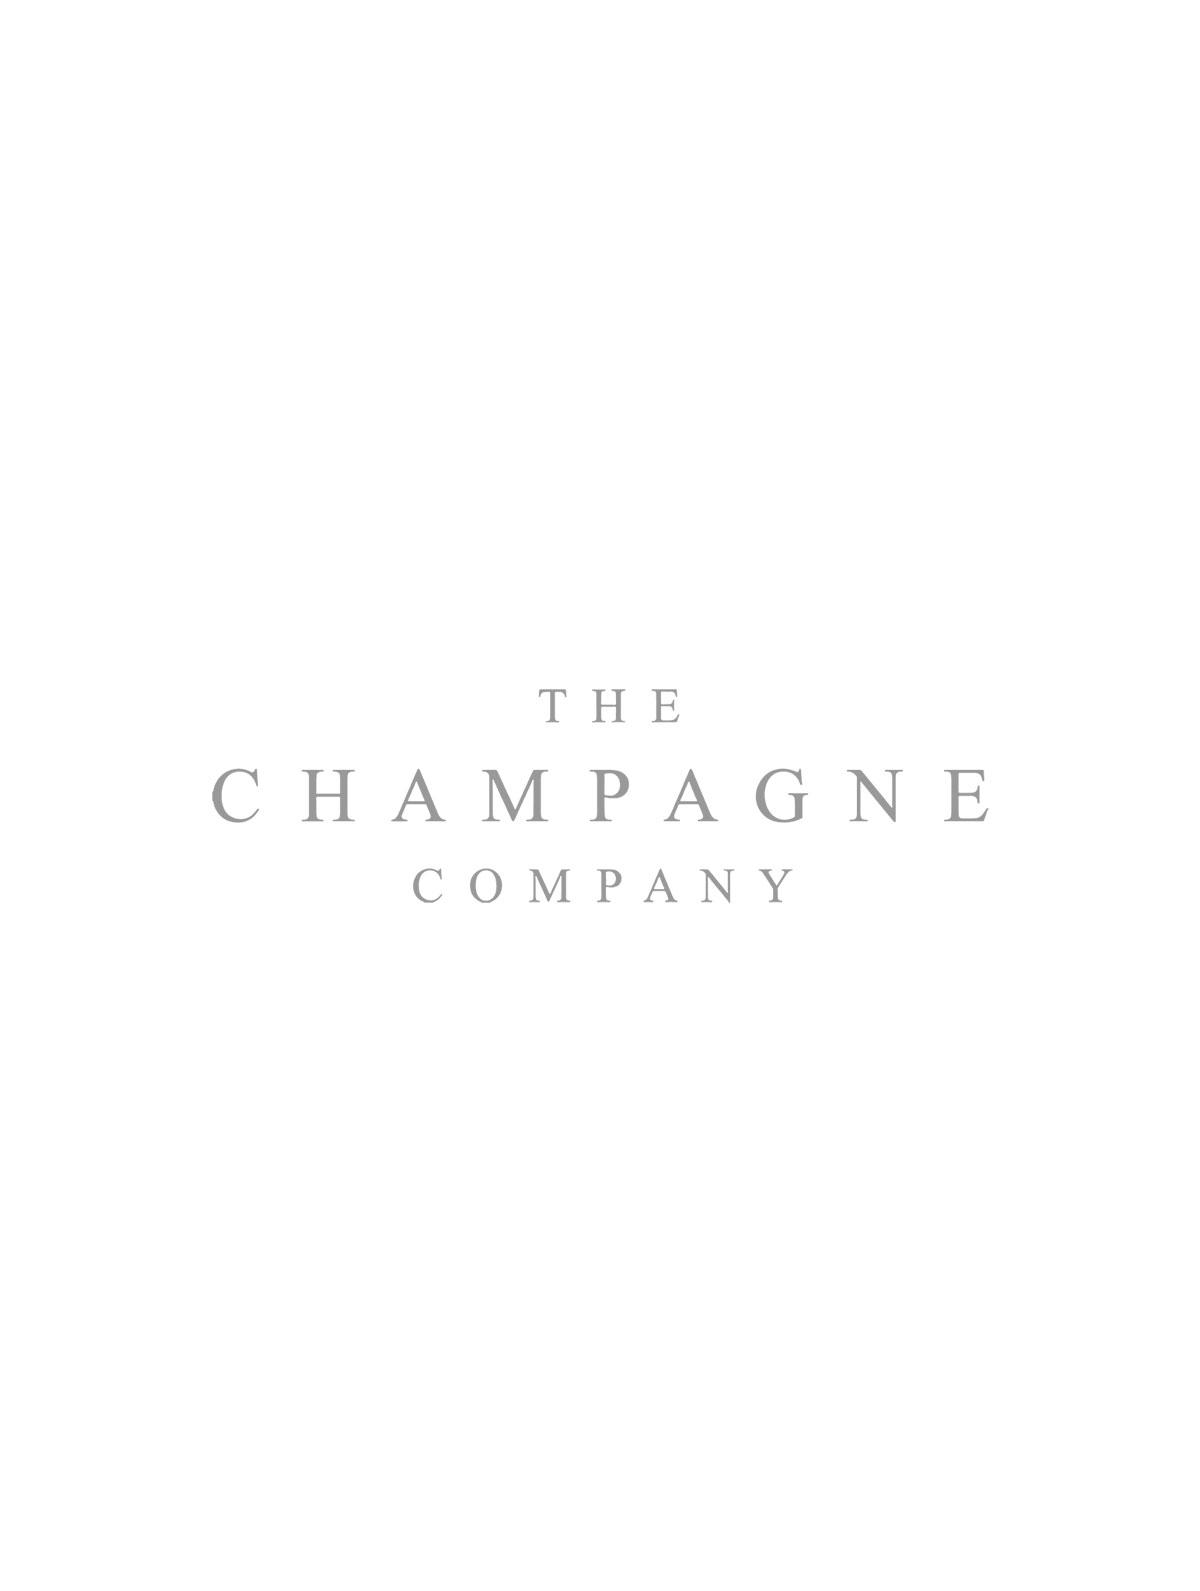 Jefferson's Reserve V Old Straight Bourbon Whisky Very Small Batch 75cl